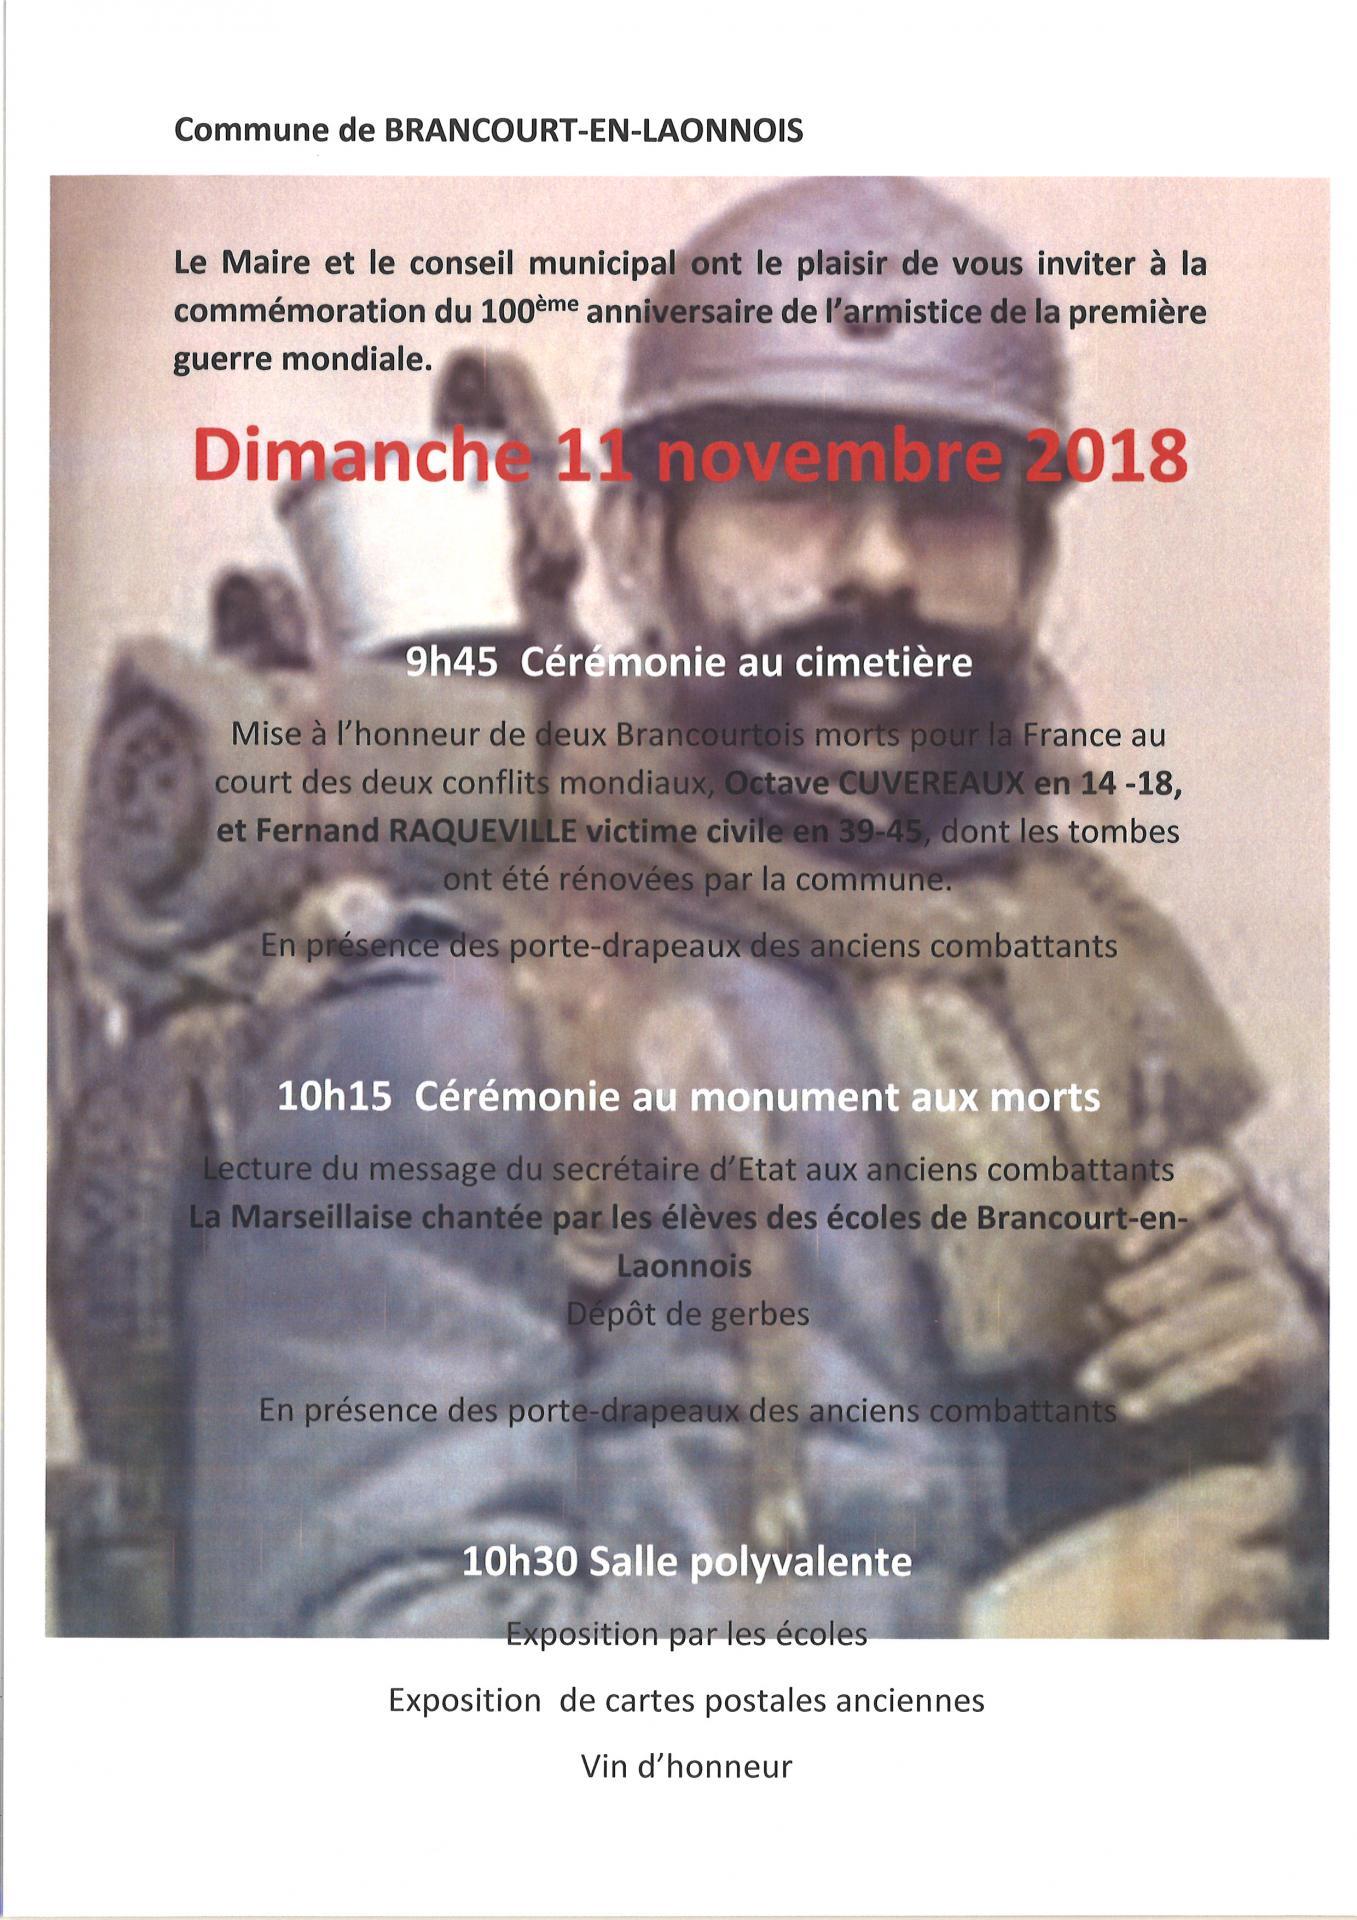 11 novembre 18 invitation